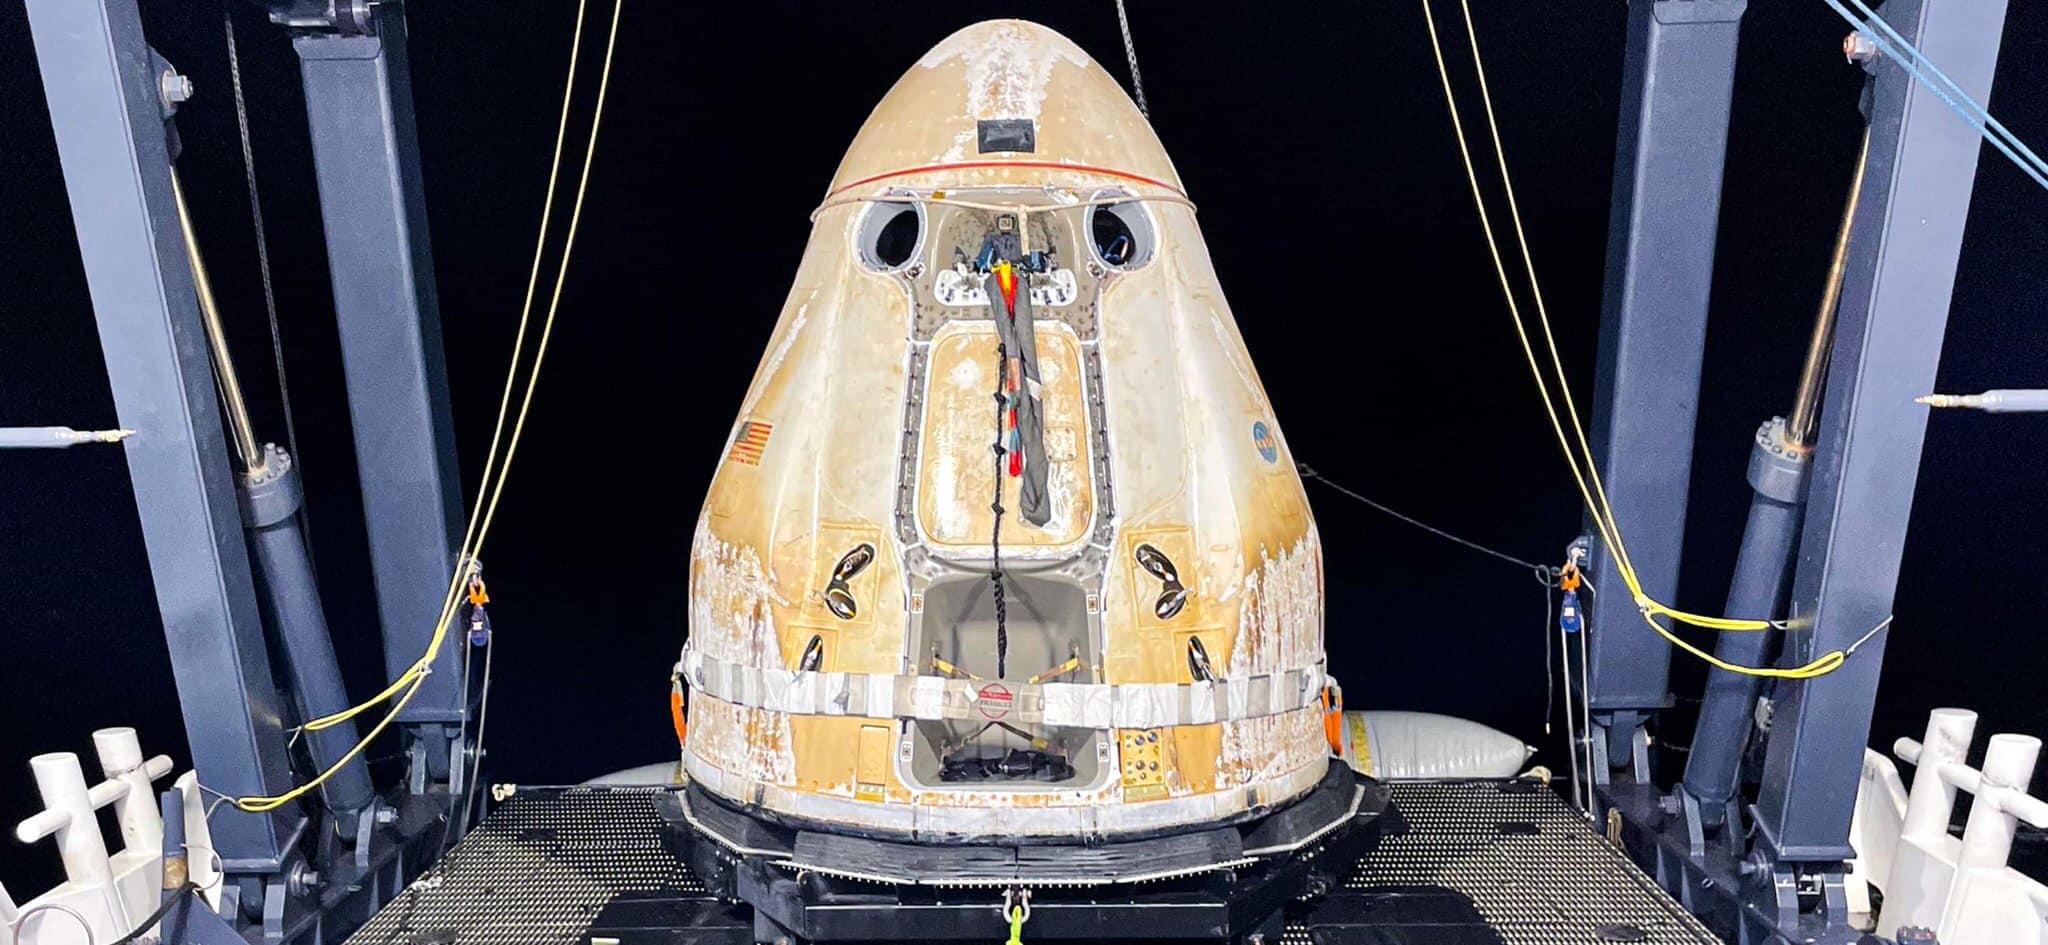 Imaginea 2: Capsula Dragon CRS-22, recuperată din apele oceanului Atlantic, după o misiune reușită spre Stația Spațială Internațională.